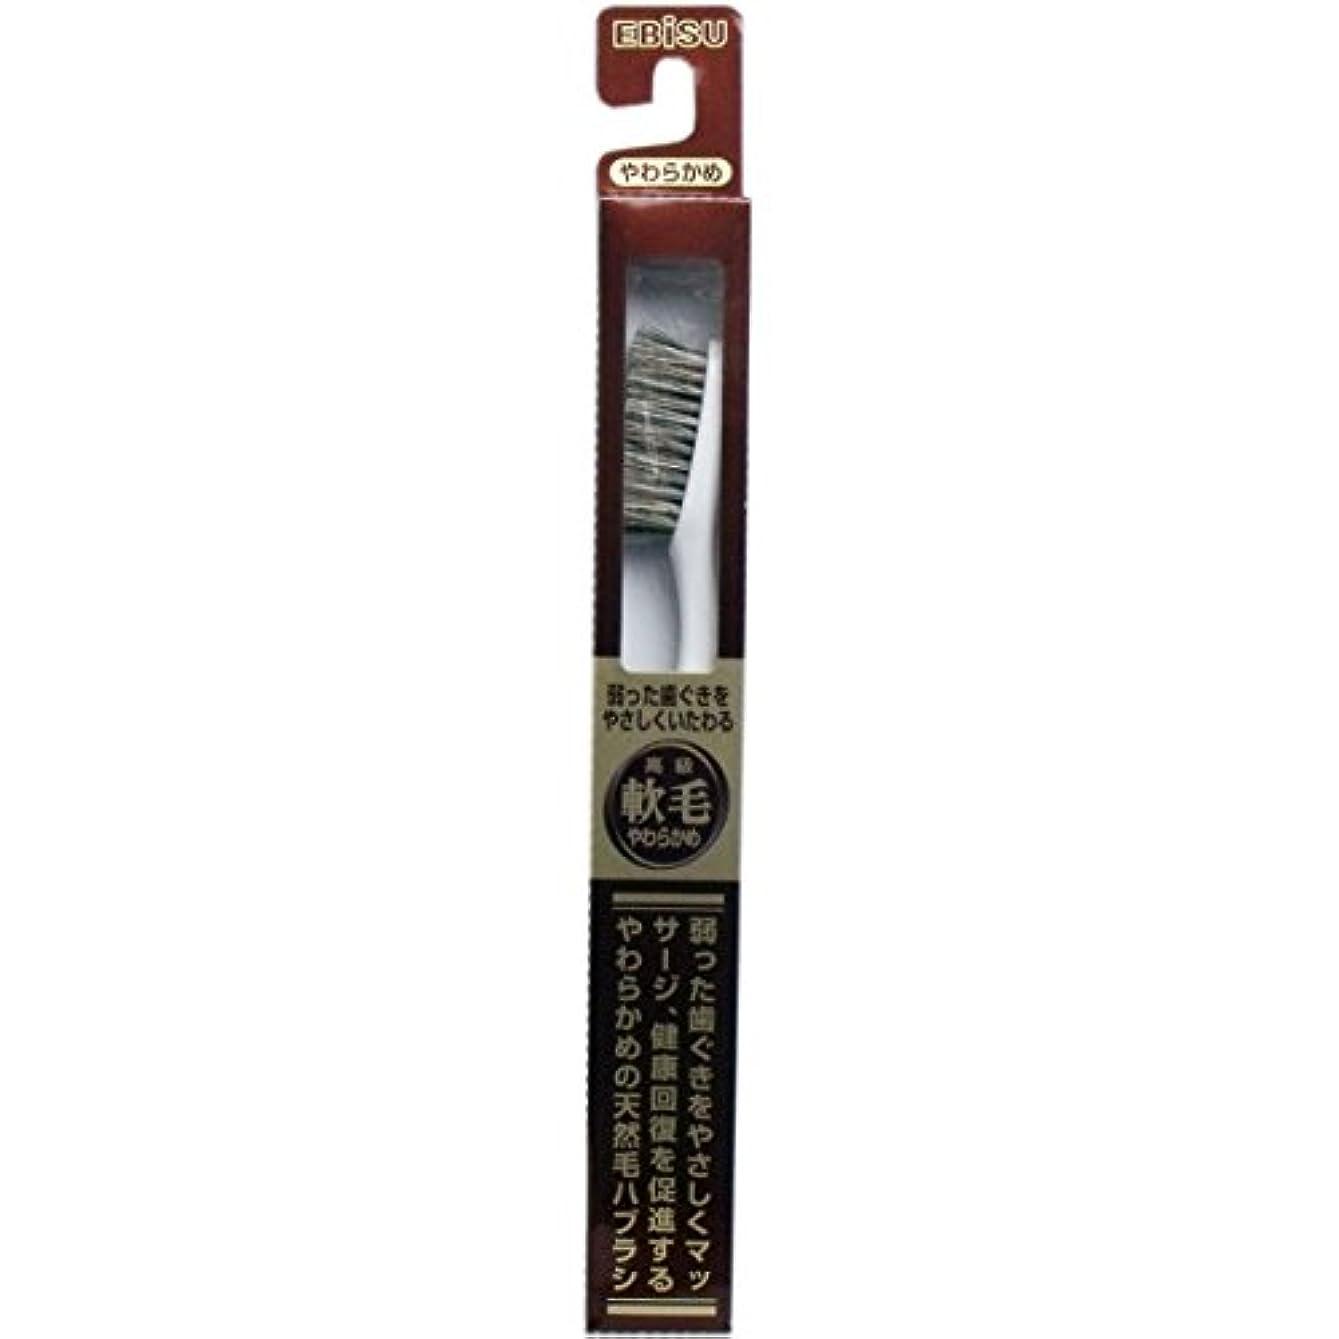 刈り取る熱意苦【エビス】天然毛軟毛歯ブラシ 500 やわらかめ 1本 ×3個セット